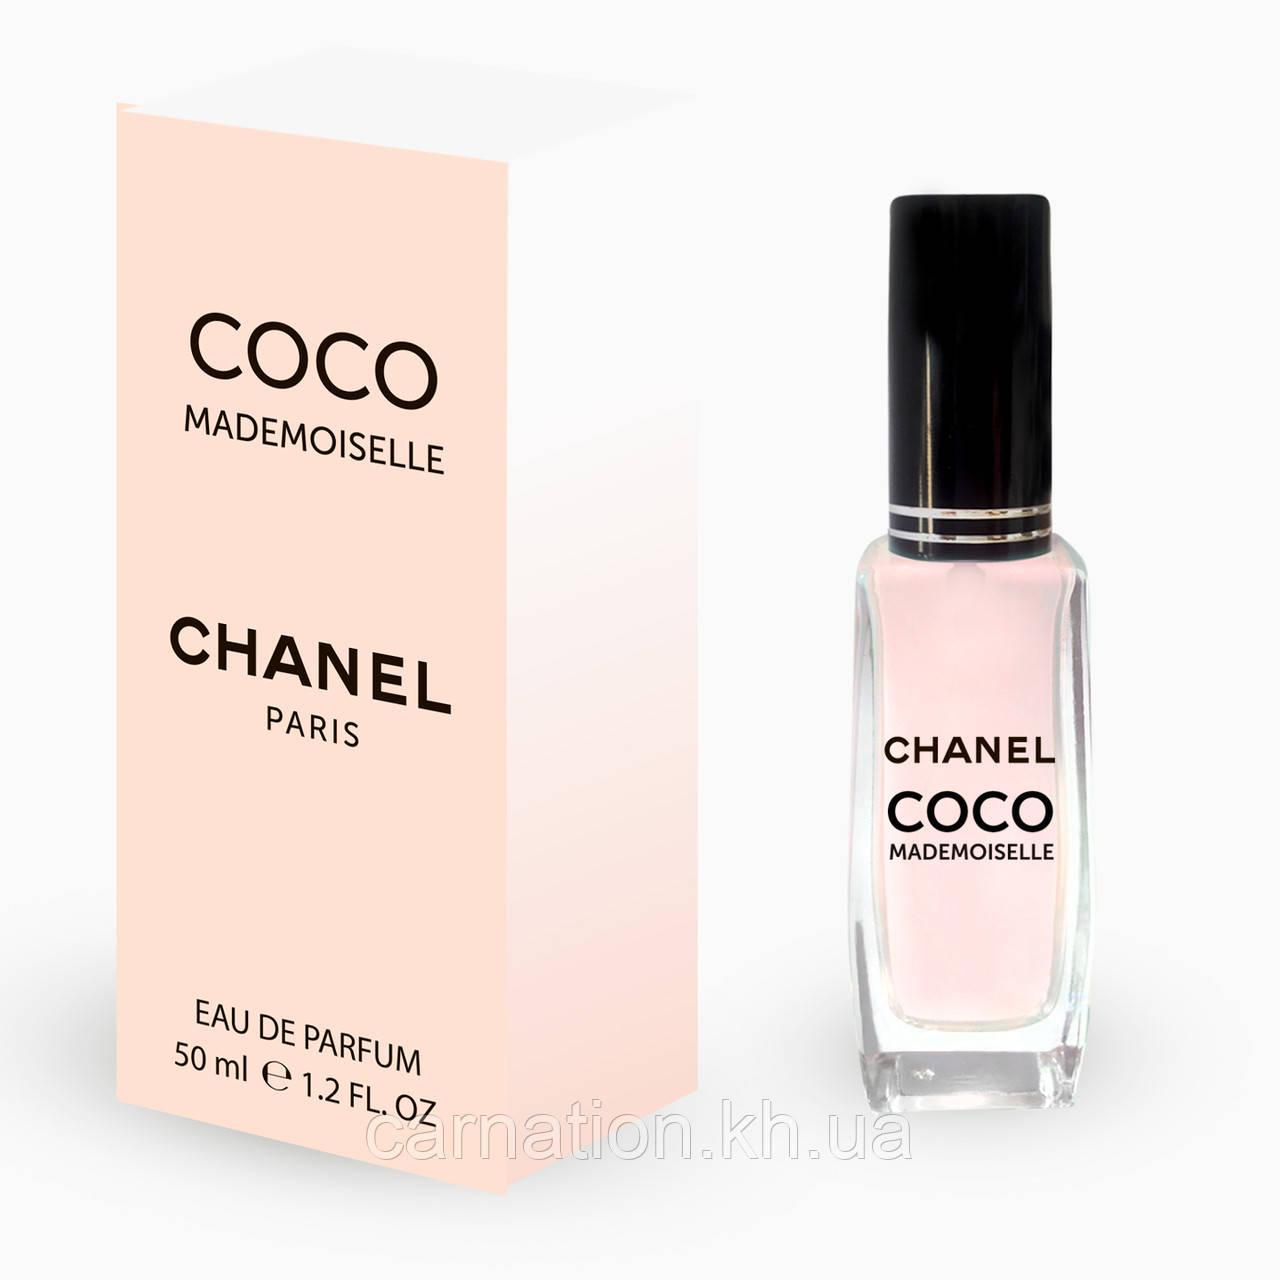 Женский мини парфюм  Chanel Coco Mademoiselle 50 мл